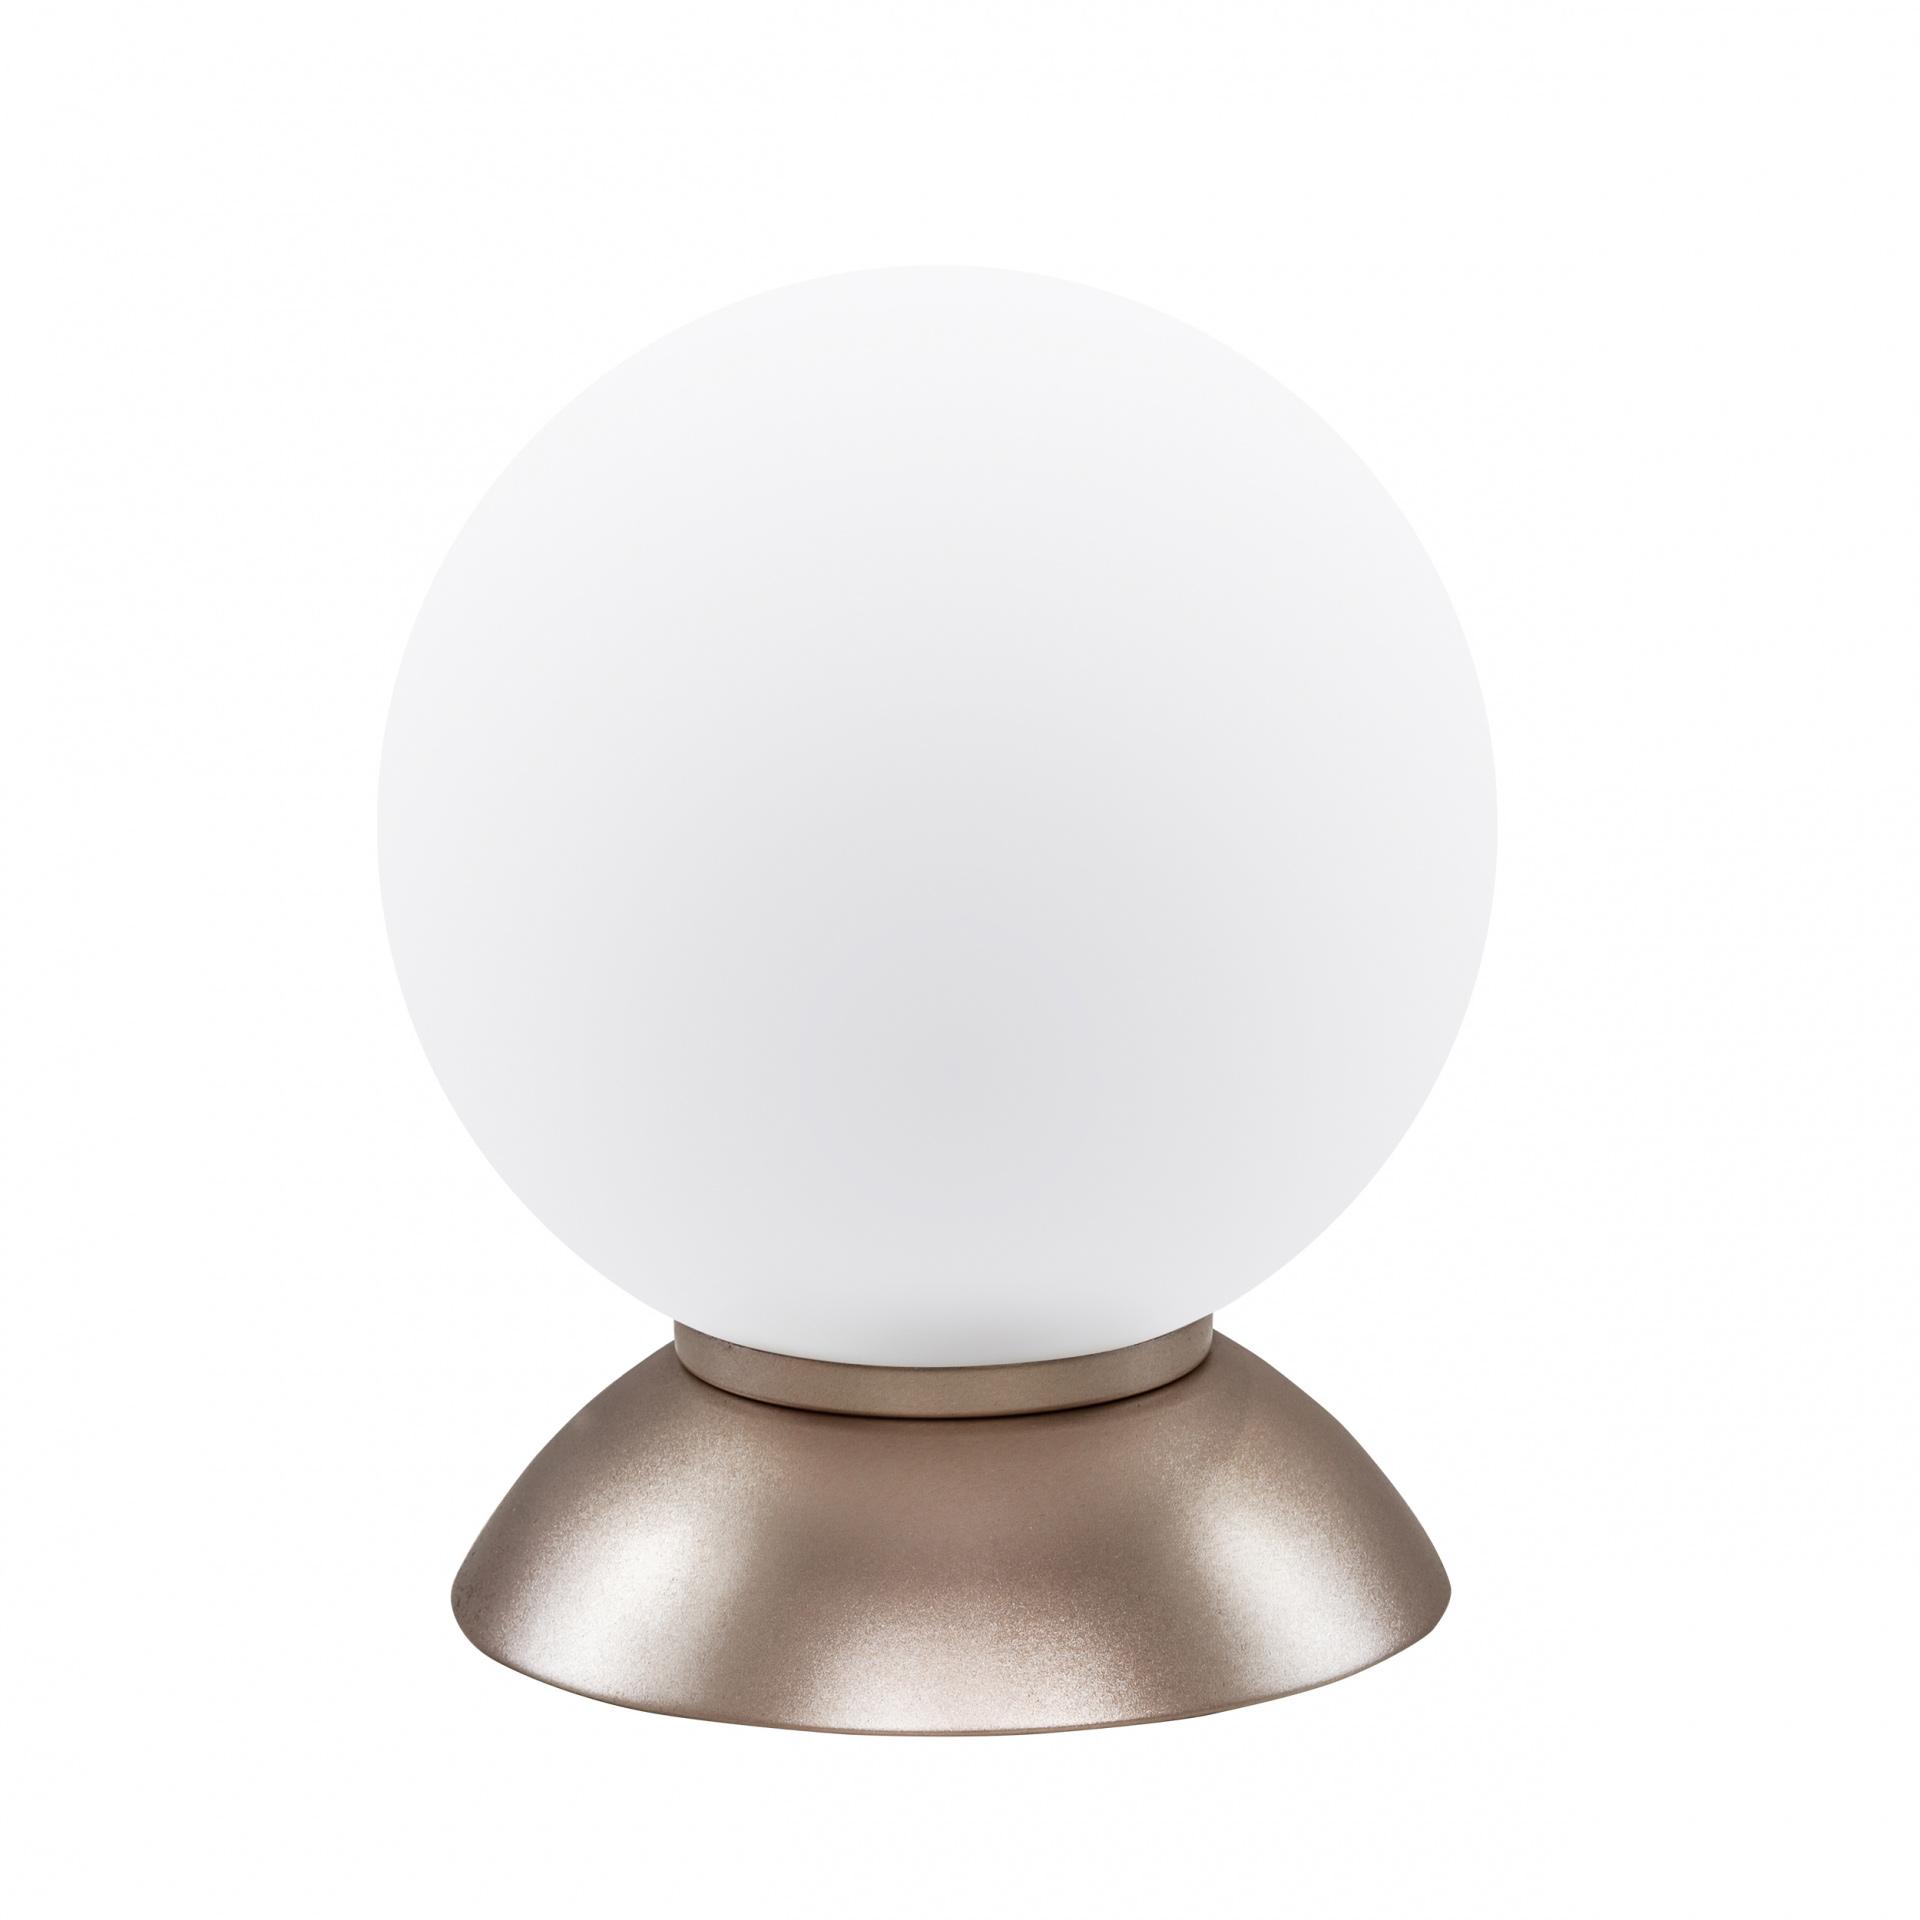 Настольная лампа Globo 1х40W E14 Champaine/white Lightstar 813913, купить в СПб, Москве, с доставкой, Санкт-Петербург, интернет-магазин люстр и светильников Starlight, фото в жизни